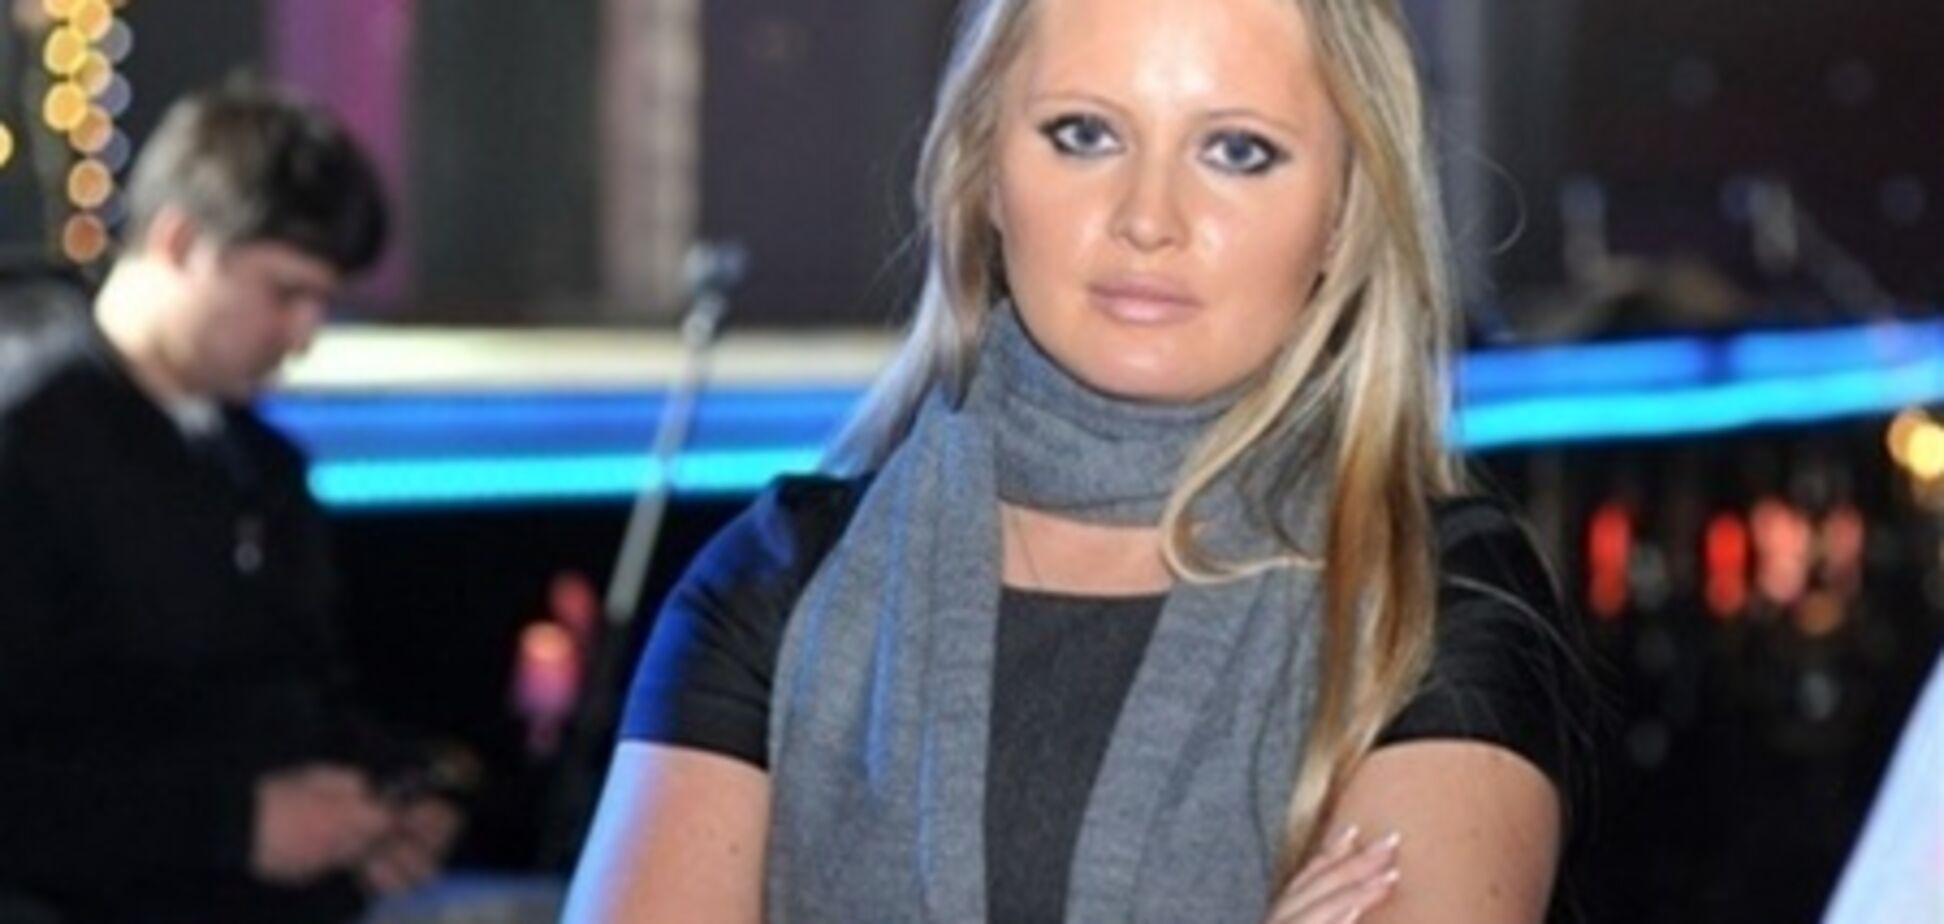 Борисової півгодини обколювали особа заради краси. Фото